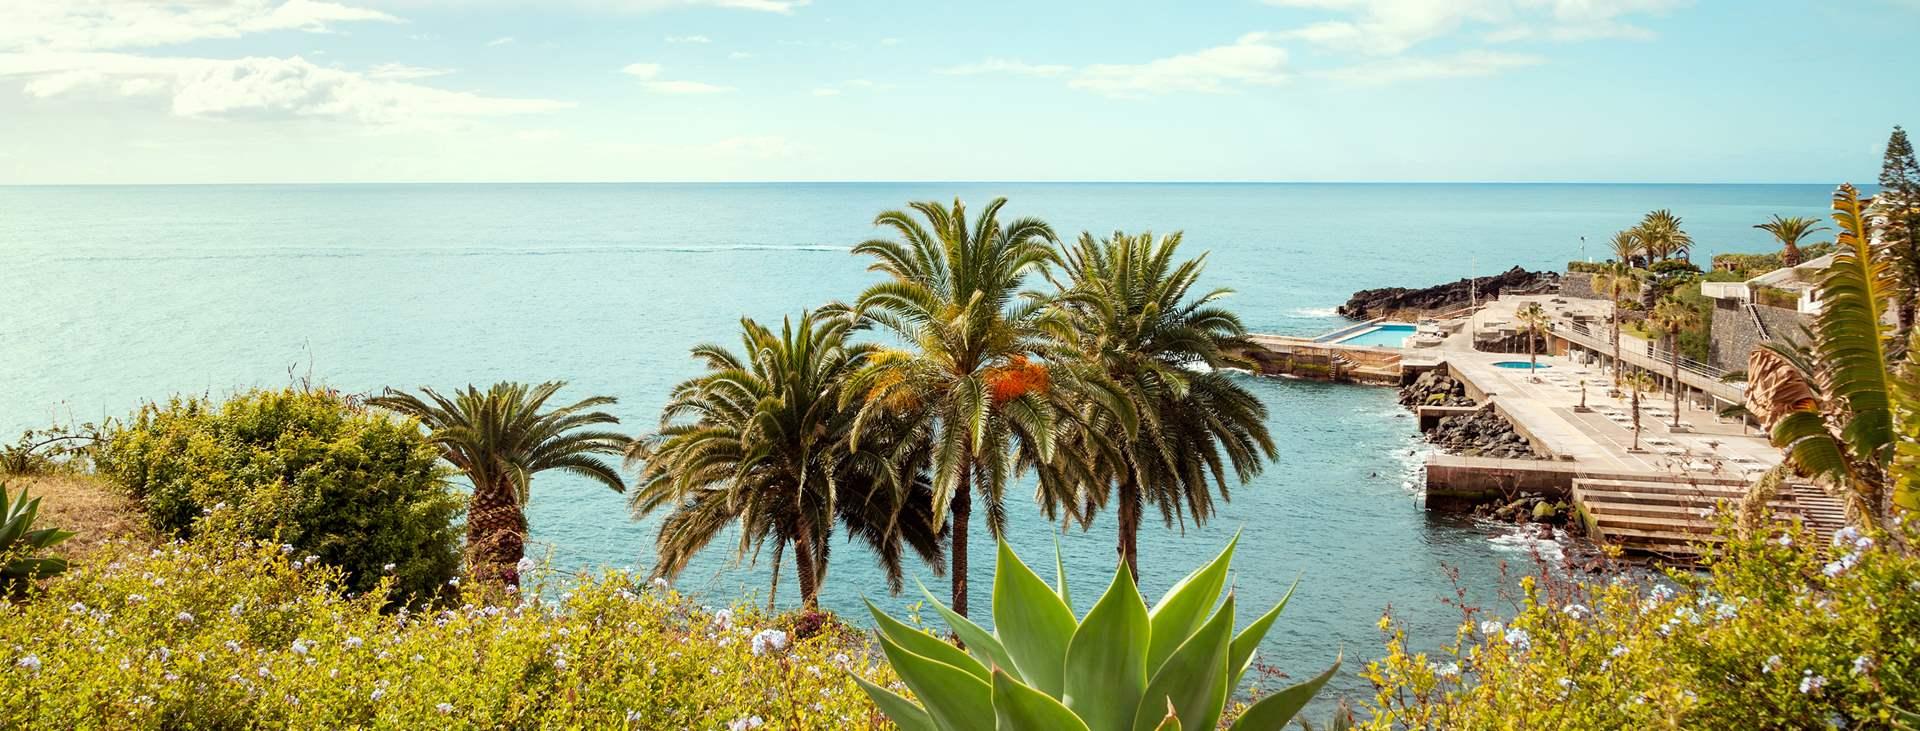 Bestill en reise til Funchal på Maderia med Ving